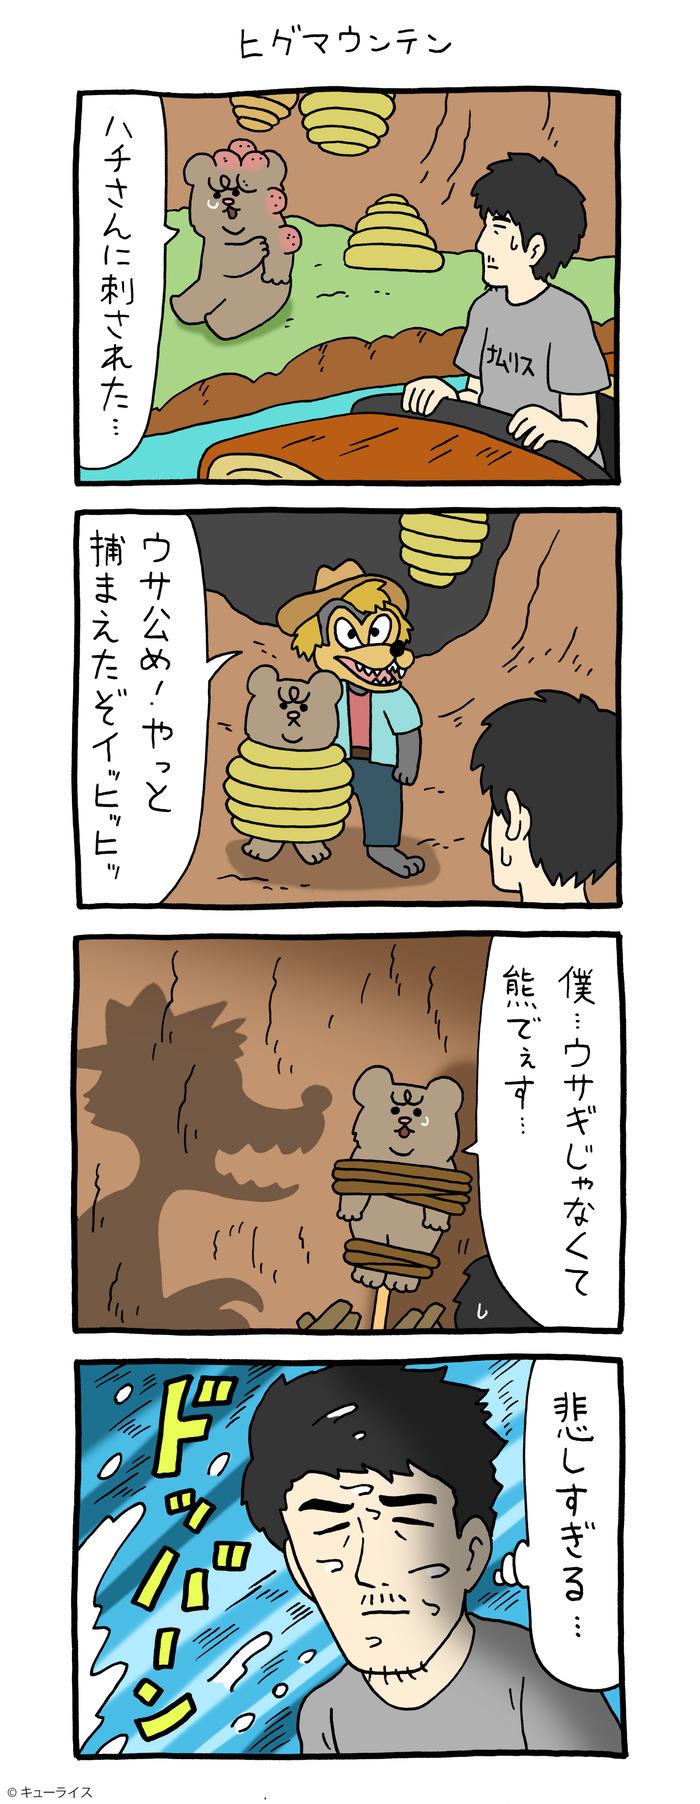 悲熊 ヒグマウンテン2 のコピー